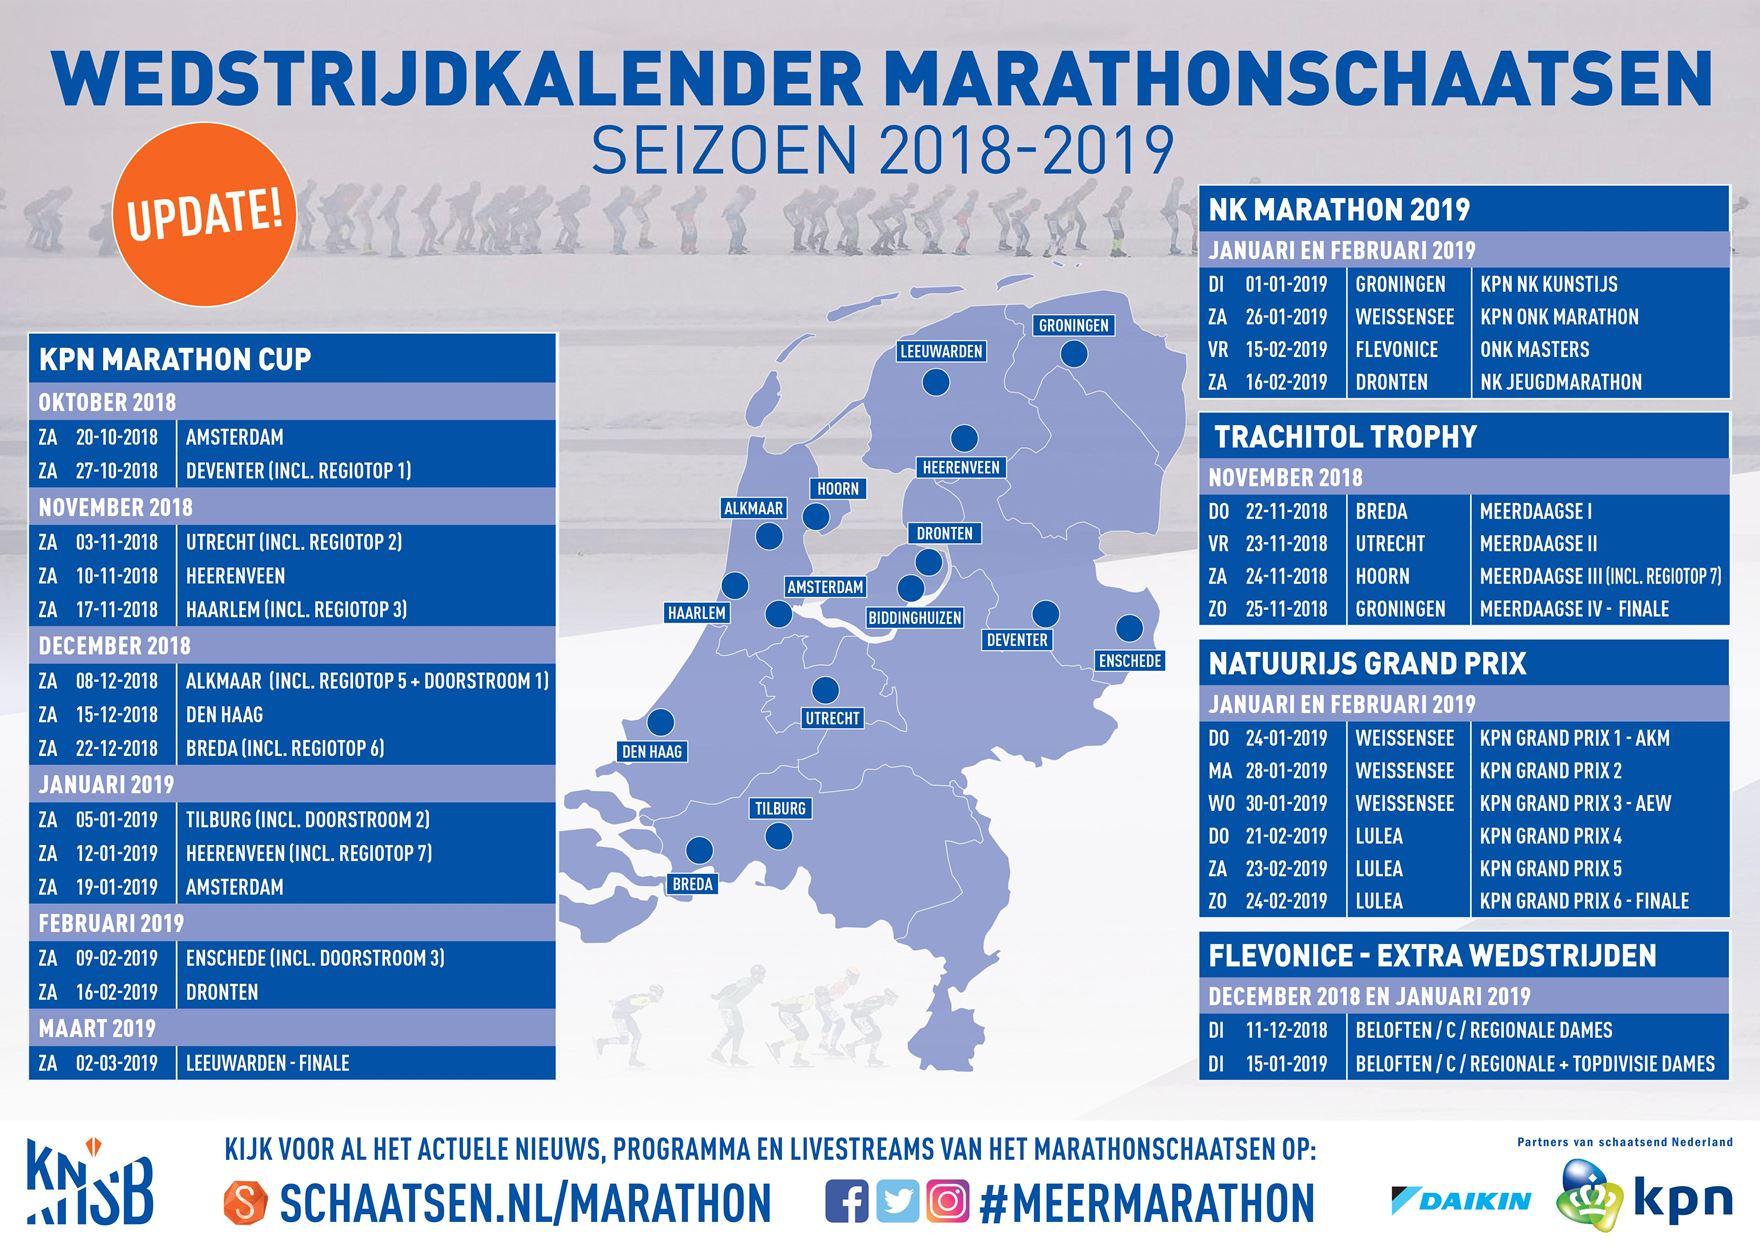 Marathonschaatsen-kalender - 2018-2019